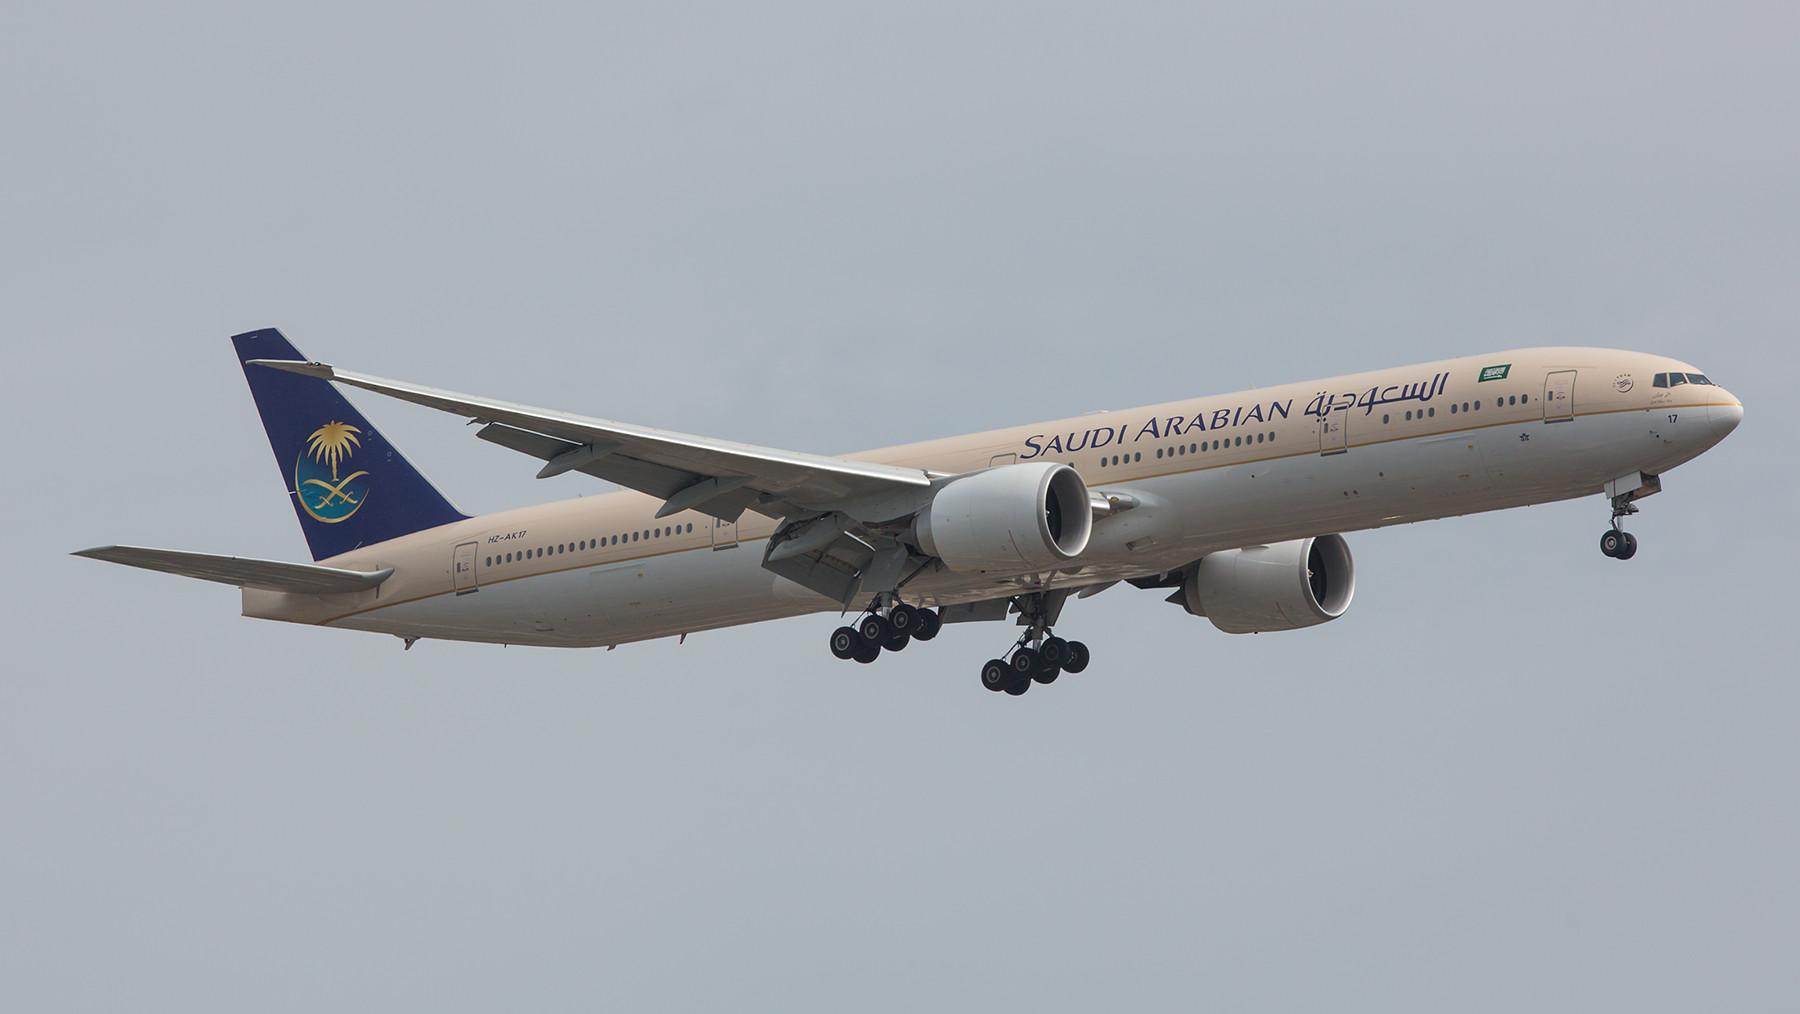 Saudi Arabian Airlines fliegt drei Mal am Tag zwischen London und ihrem Heimatland.